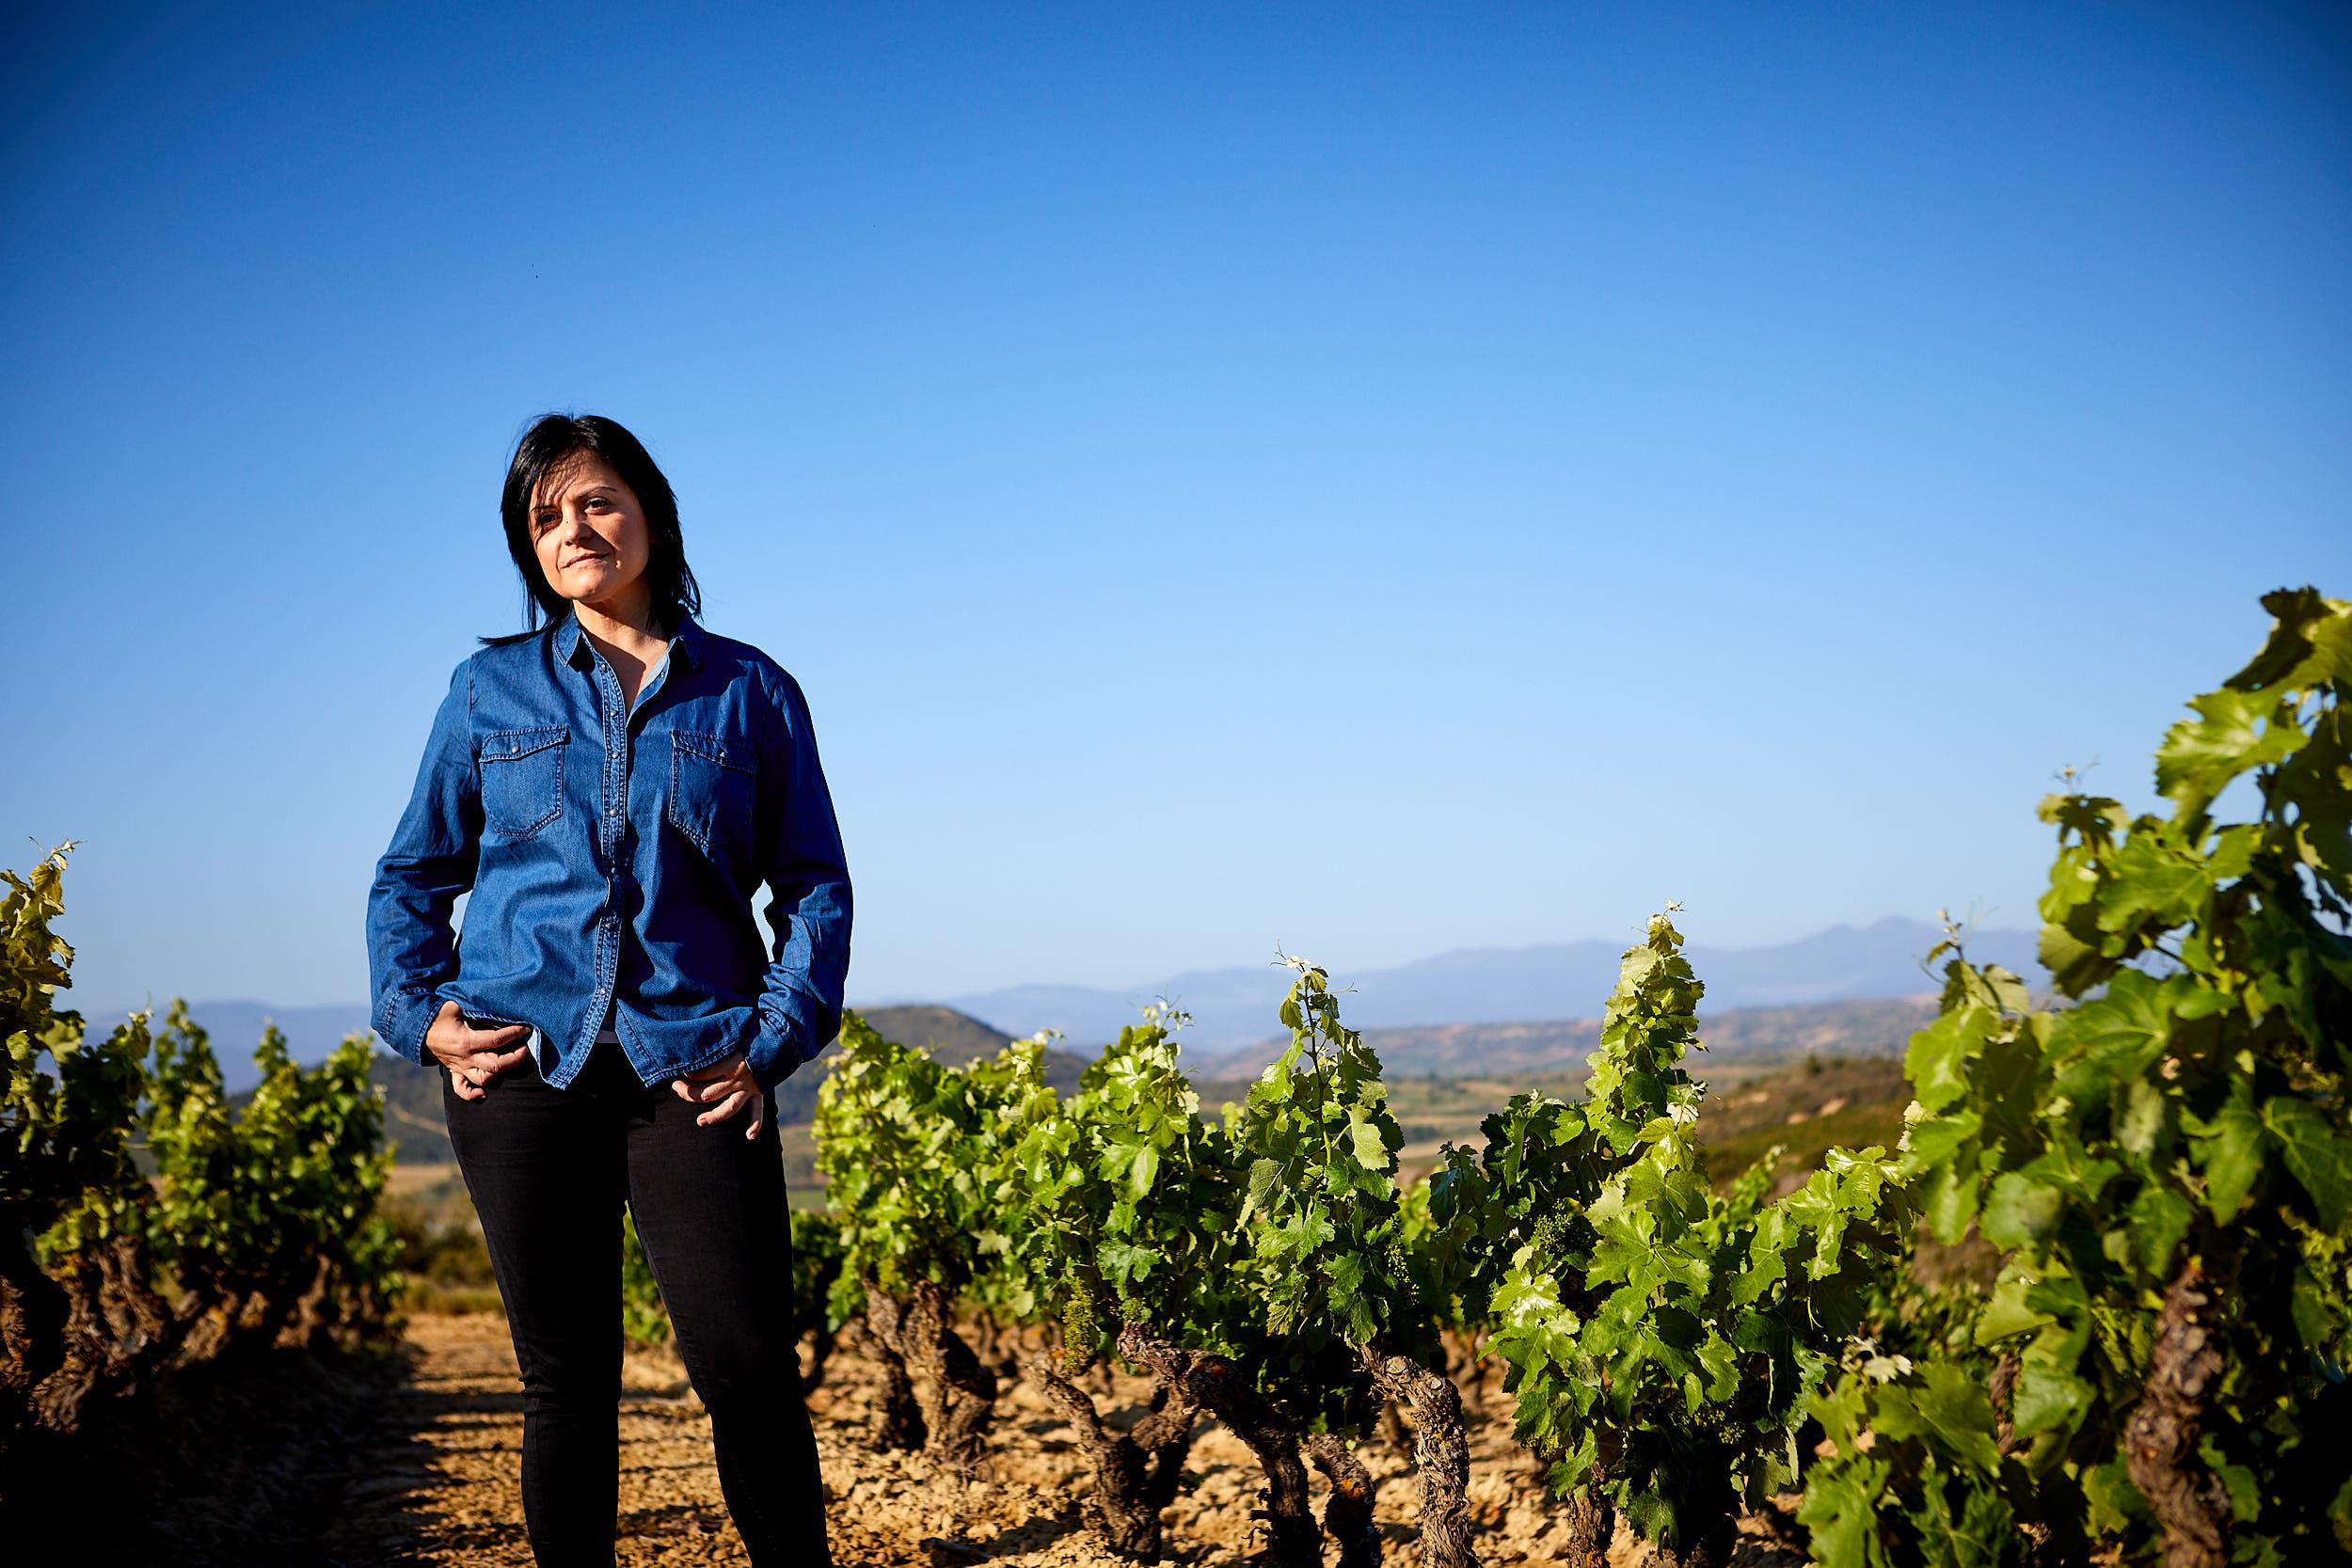 1706Montecillo_Winery_La_Rioja_Spain_Sturcke_0009.jpg